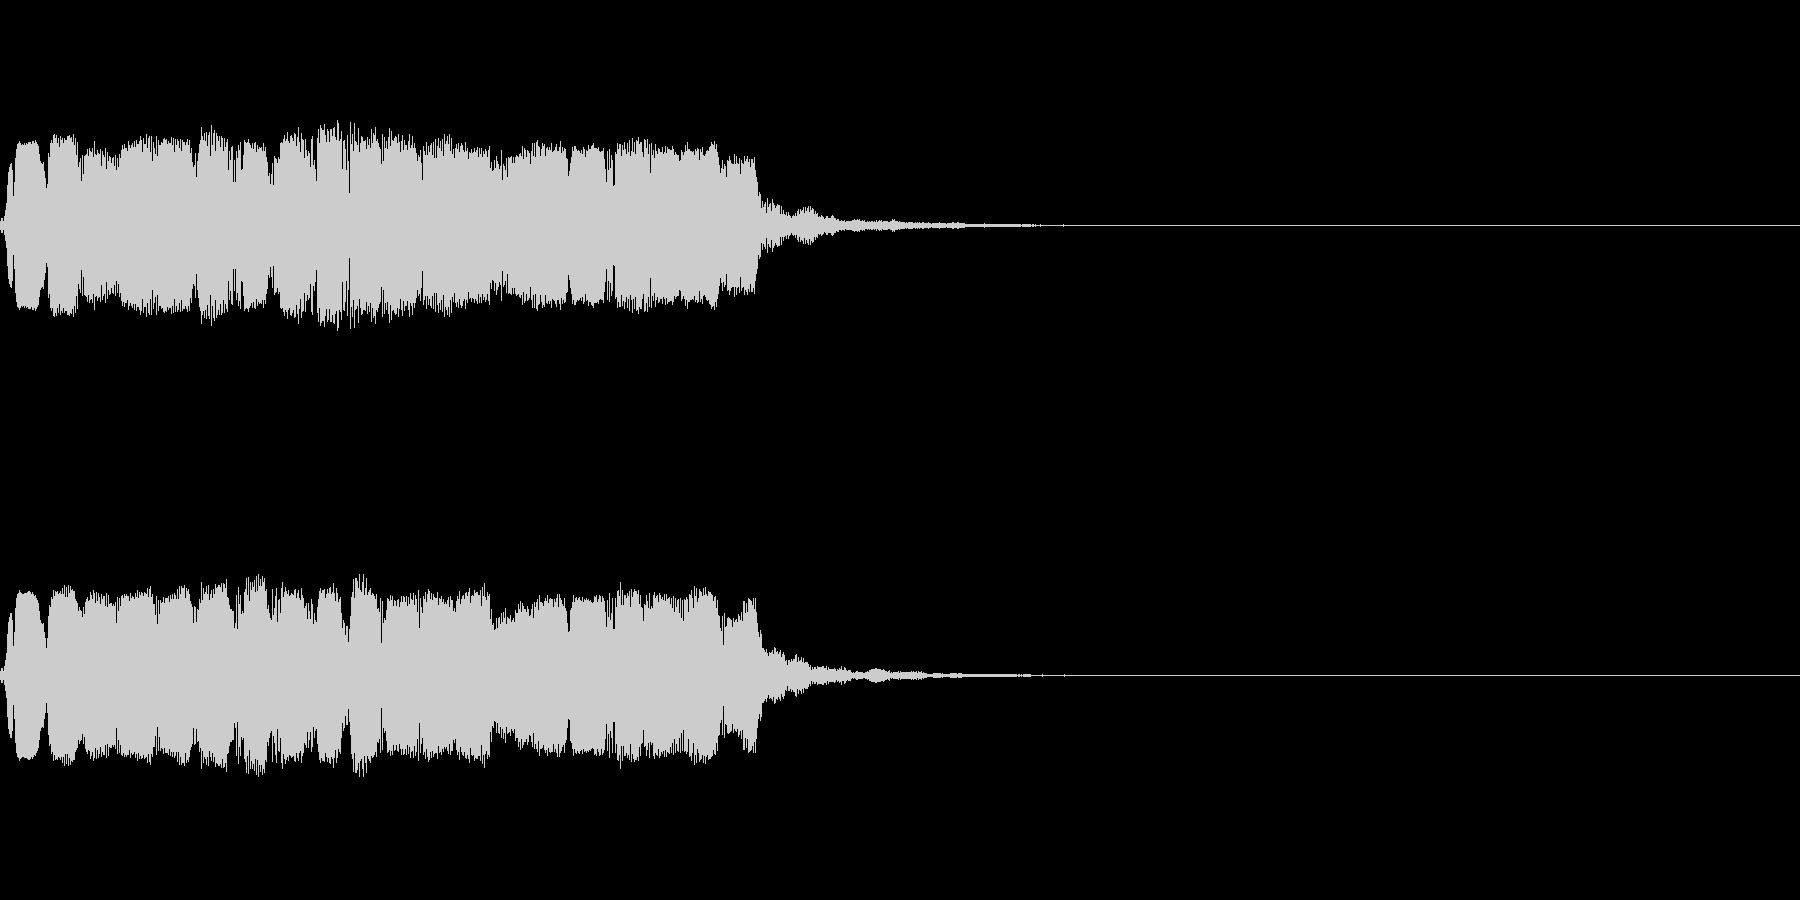 和風な笛のアイキャッチ(速め)の未再生の波形